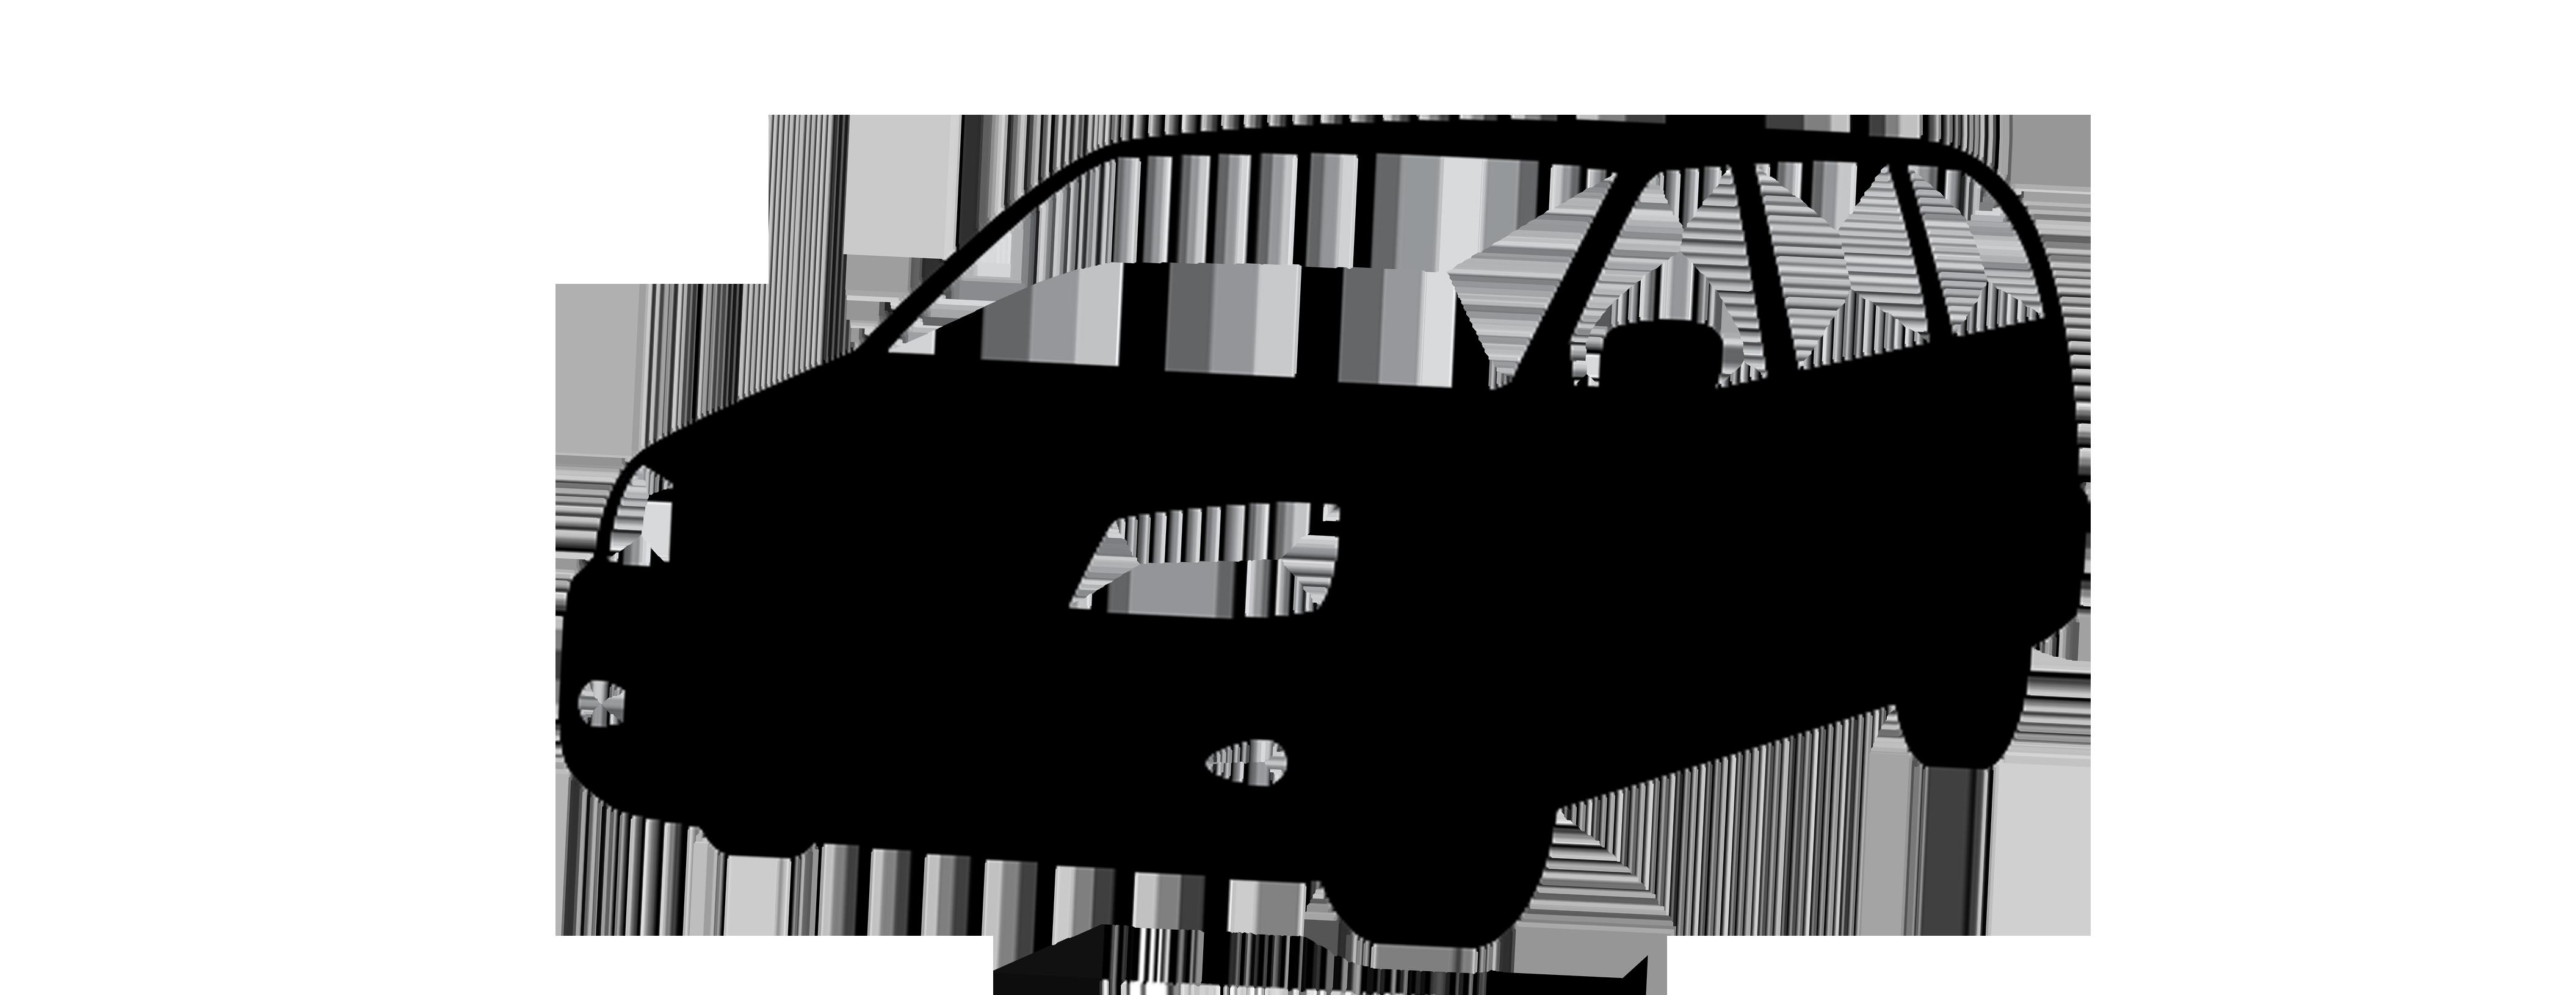 4220x1630 Platinum Auto Spa